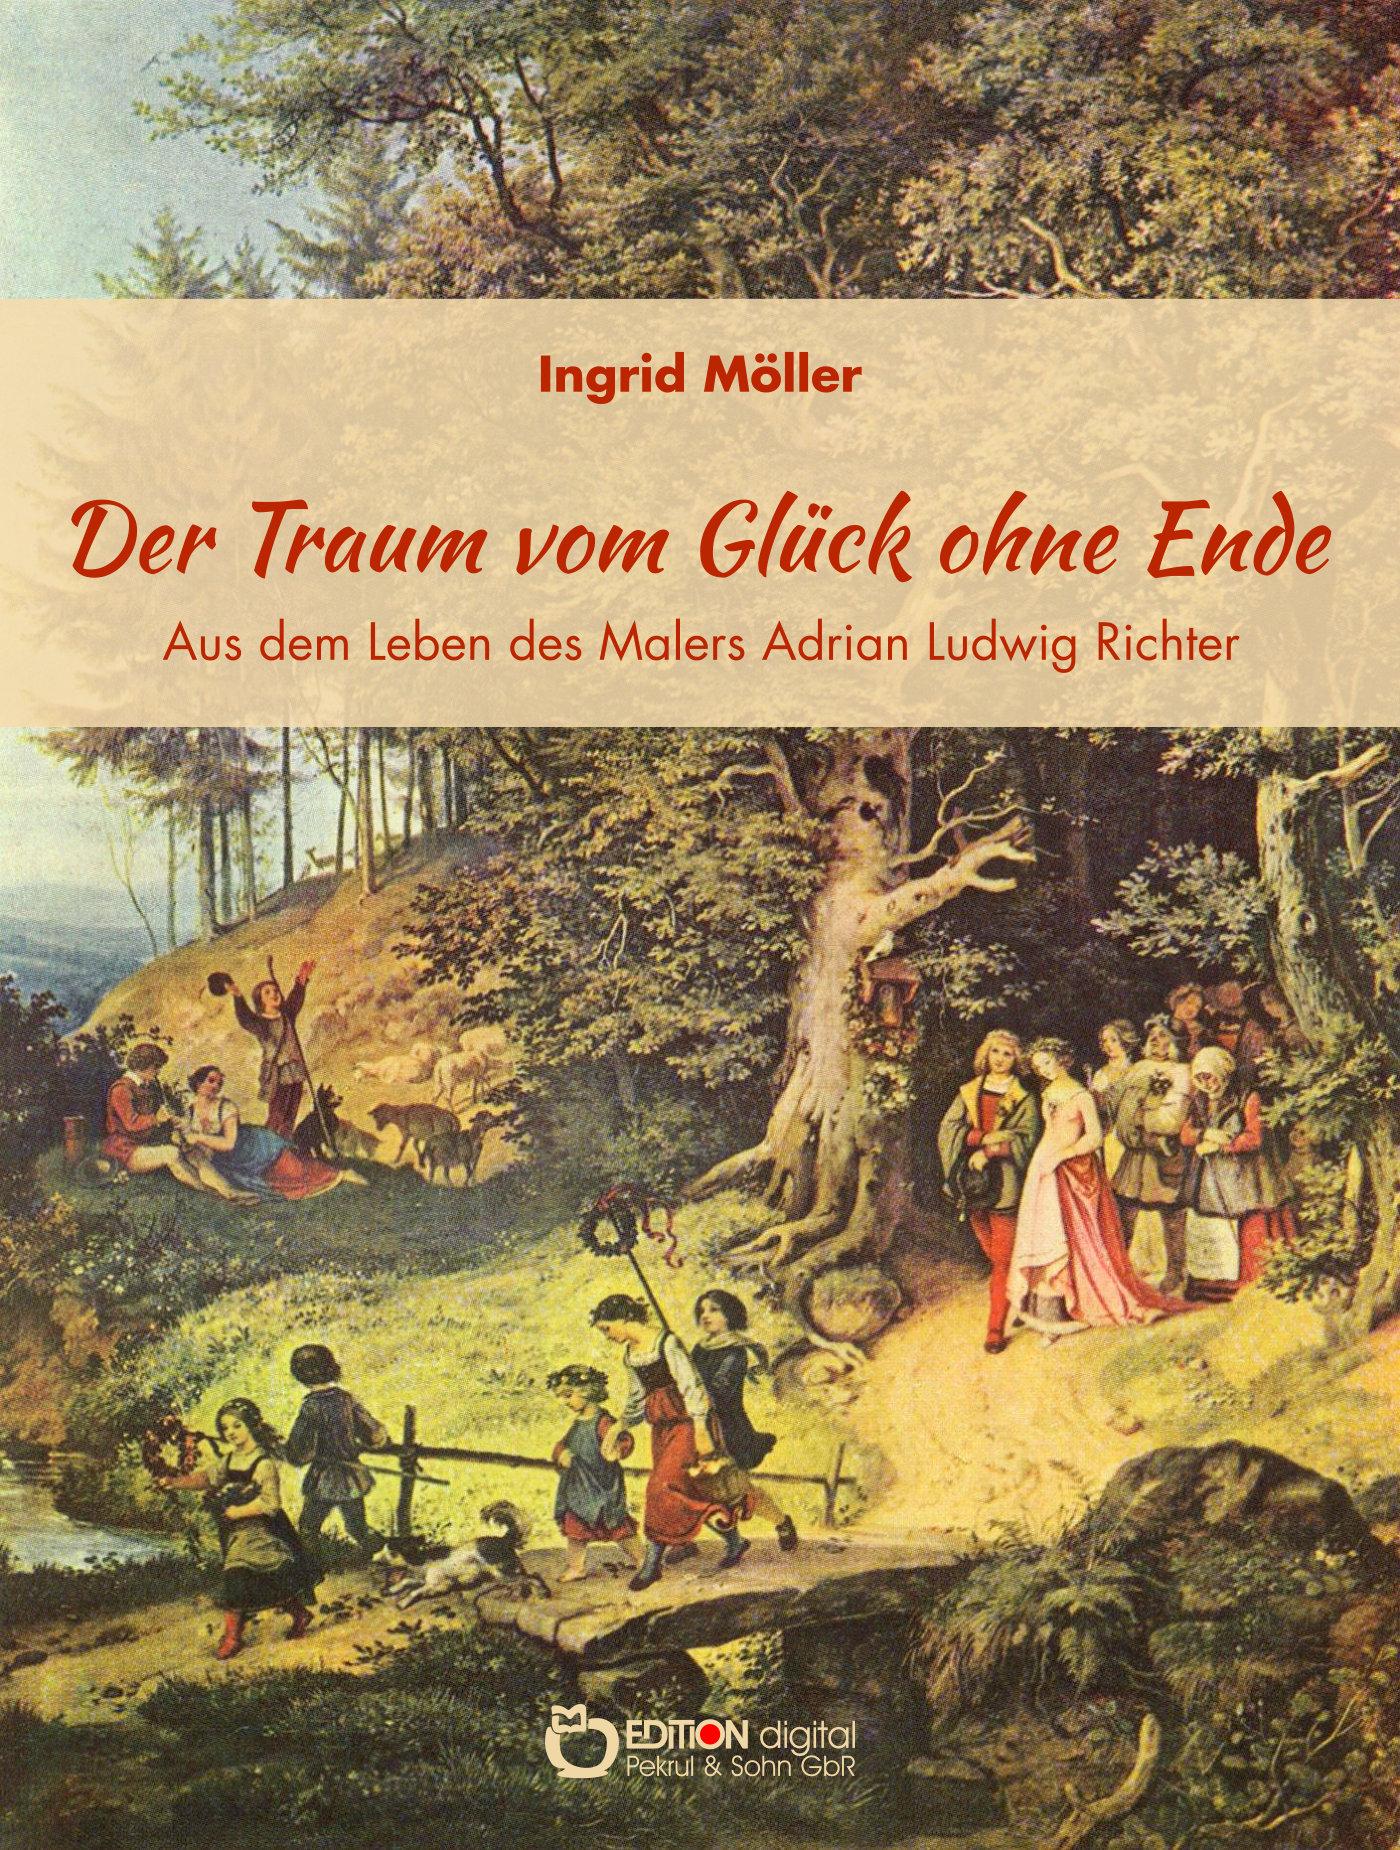 Der Traum vom Glück ohne Ende. Aus dem Leben des Malers Adrian Ludwig Richter. 2. Auflage von Ingrid Möller